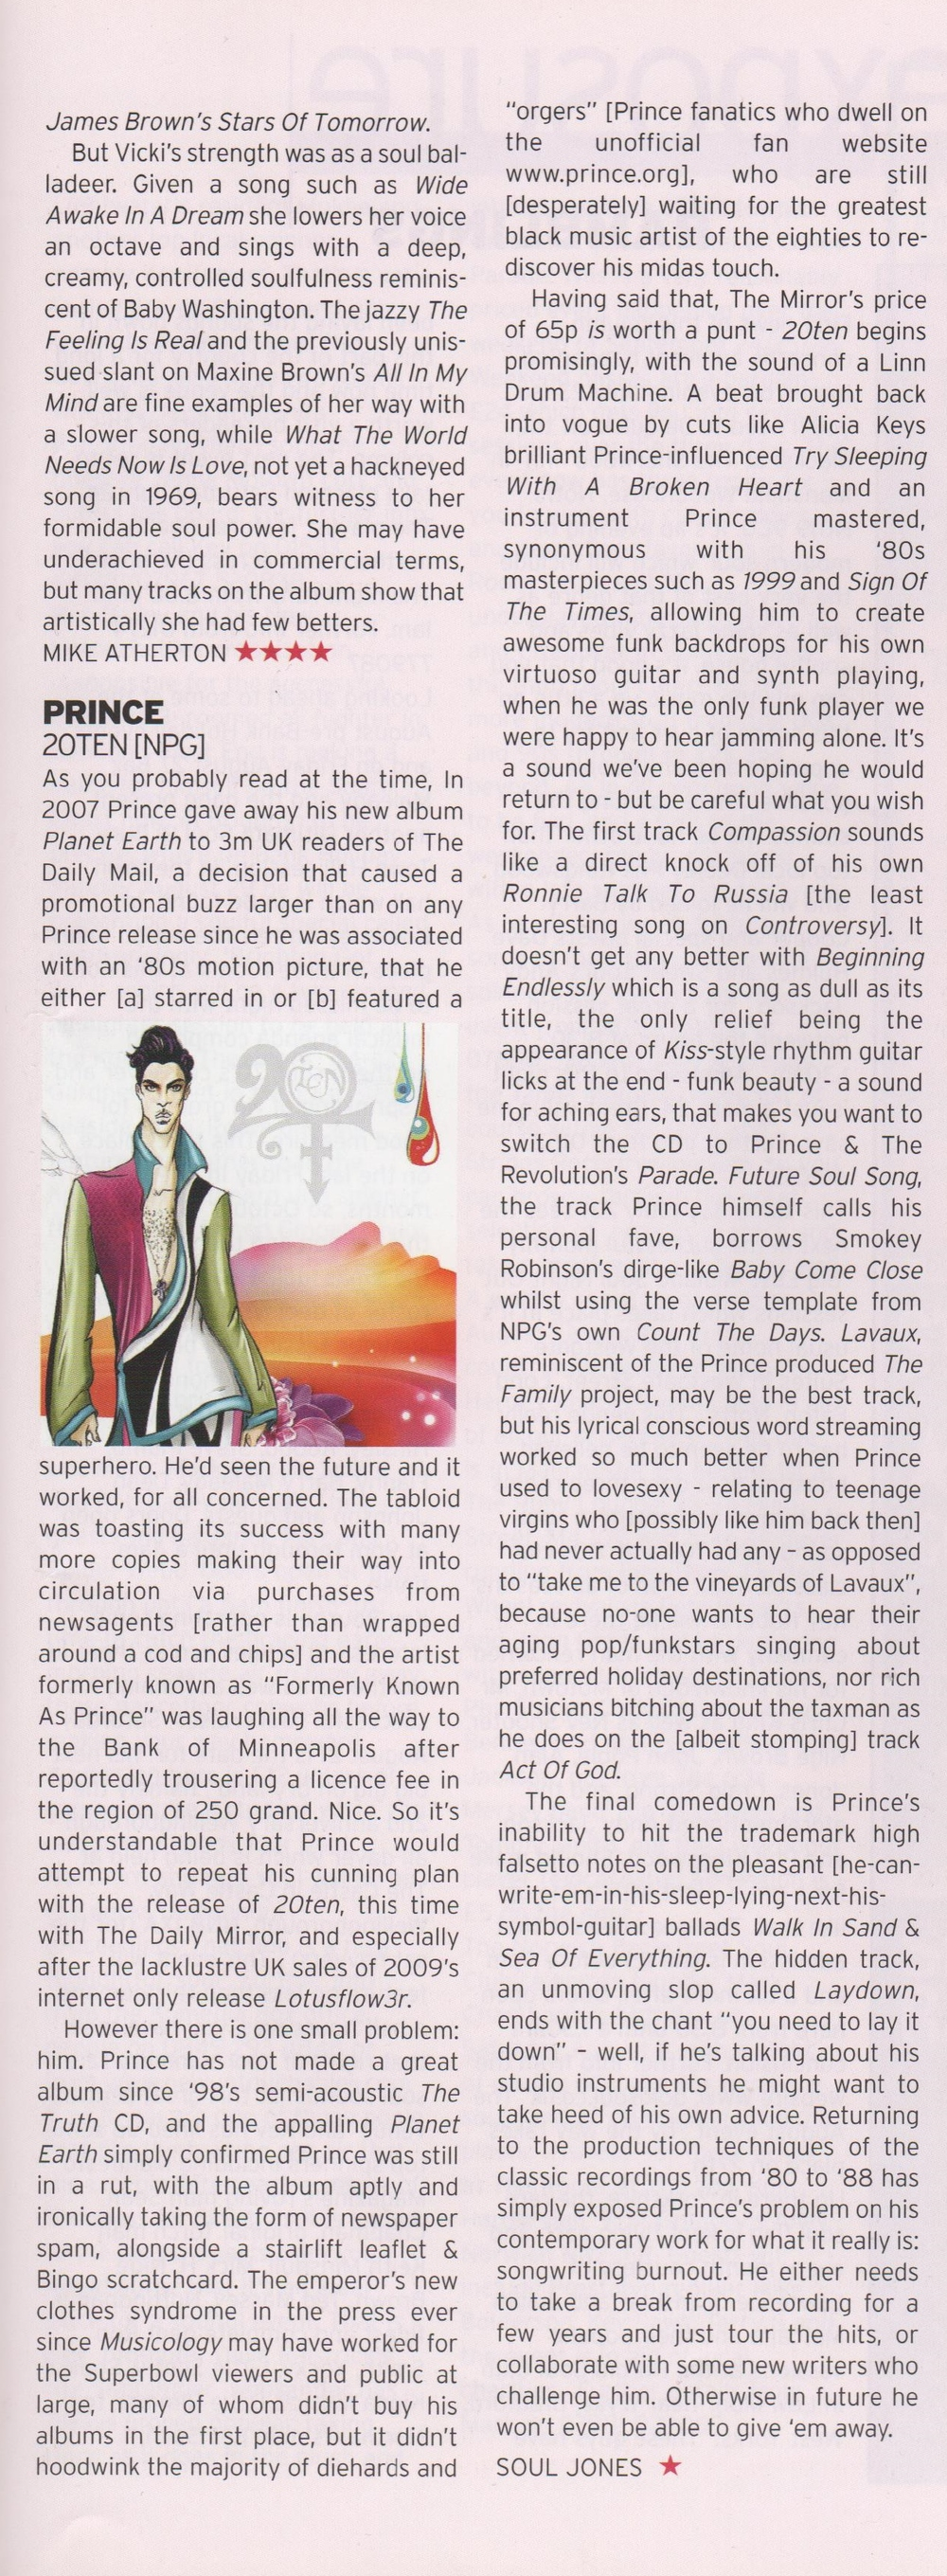 Echoes Magazine Aug 2010